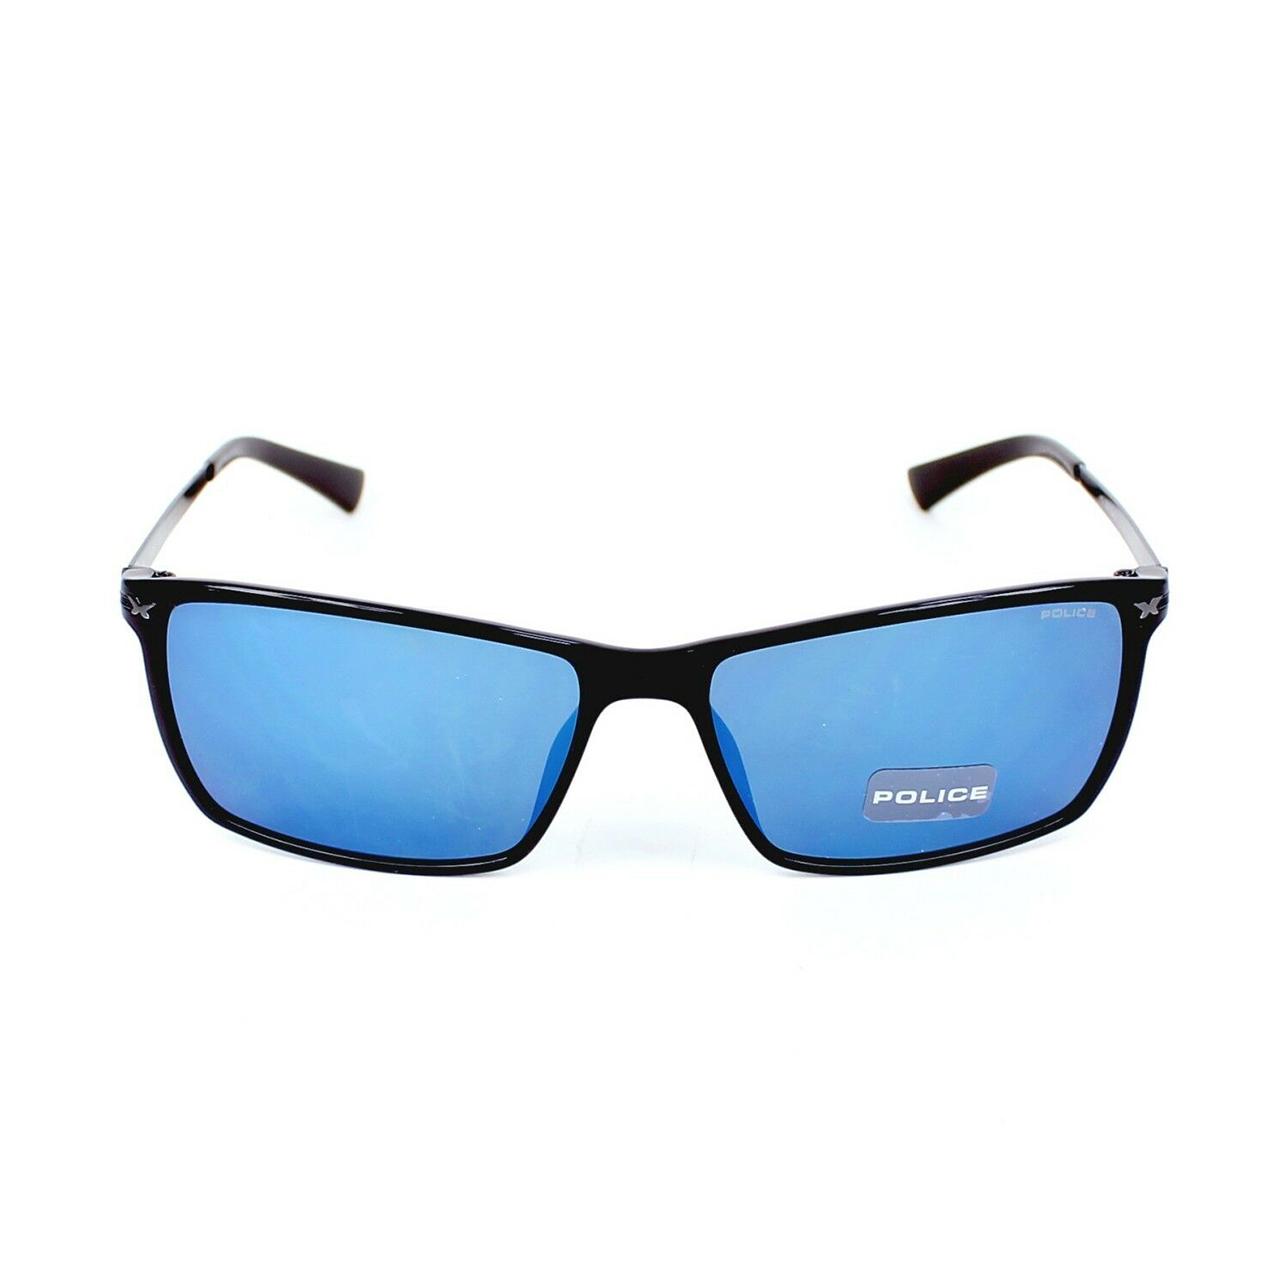 عینک آفتابی پلیس مدل S 1957 COL Z42B